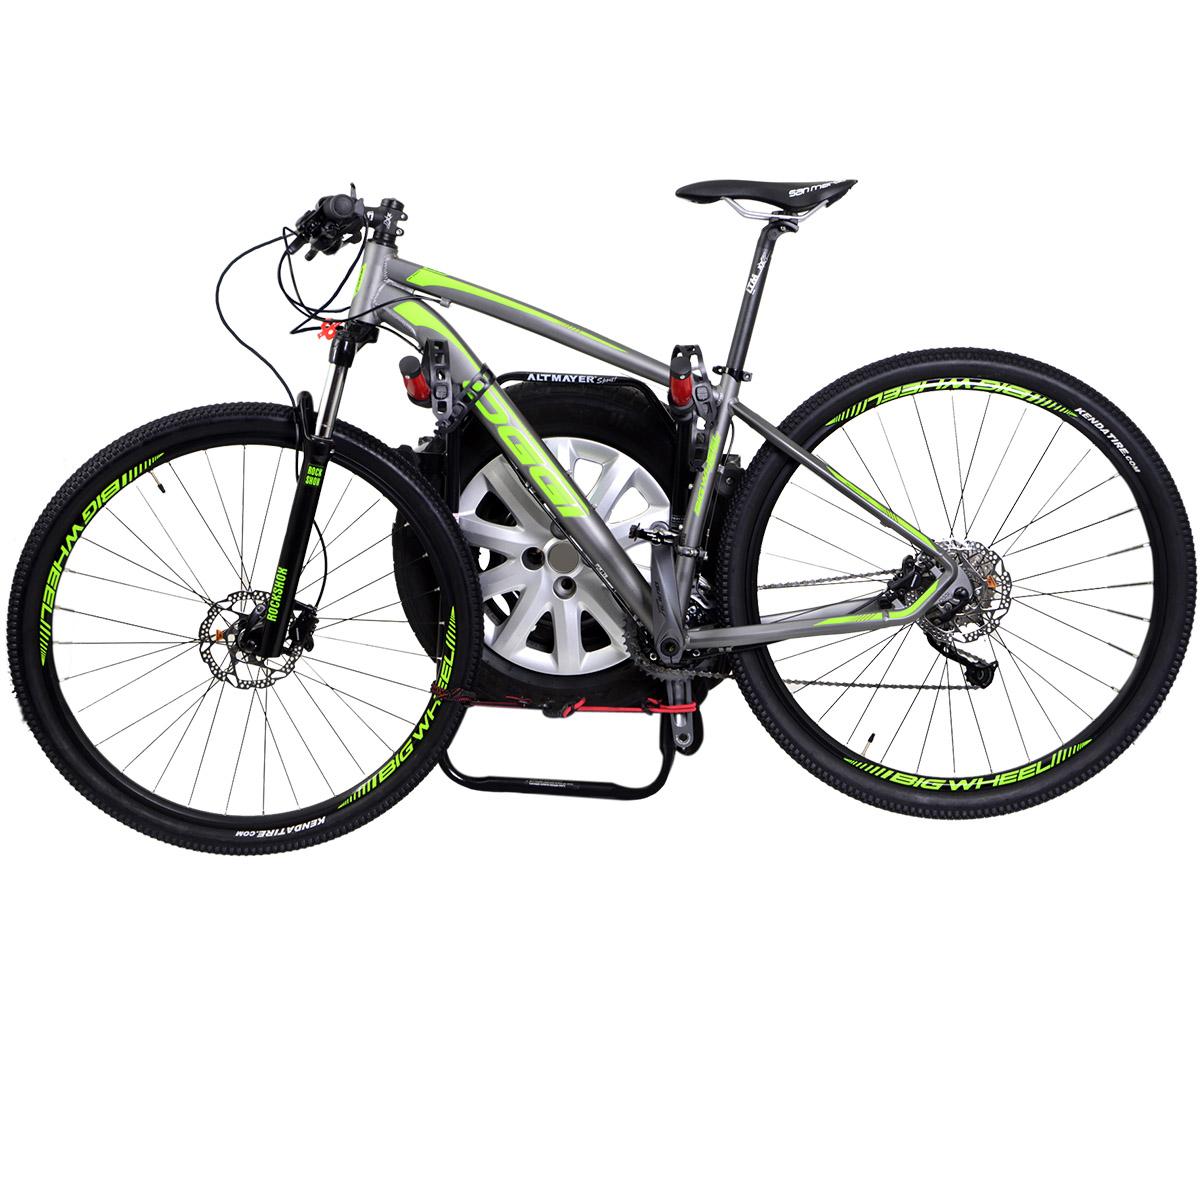 Transbike Ecosport 2003 a 2017 fixado no estepe para 2 bicicletas